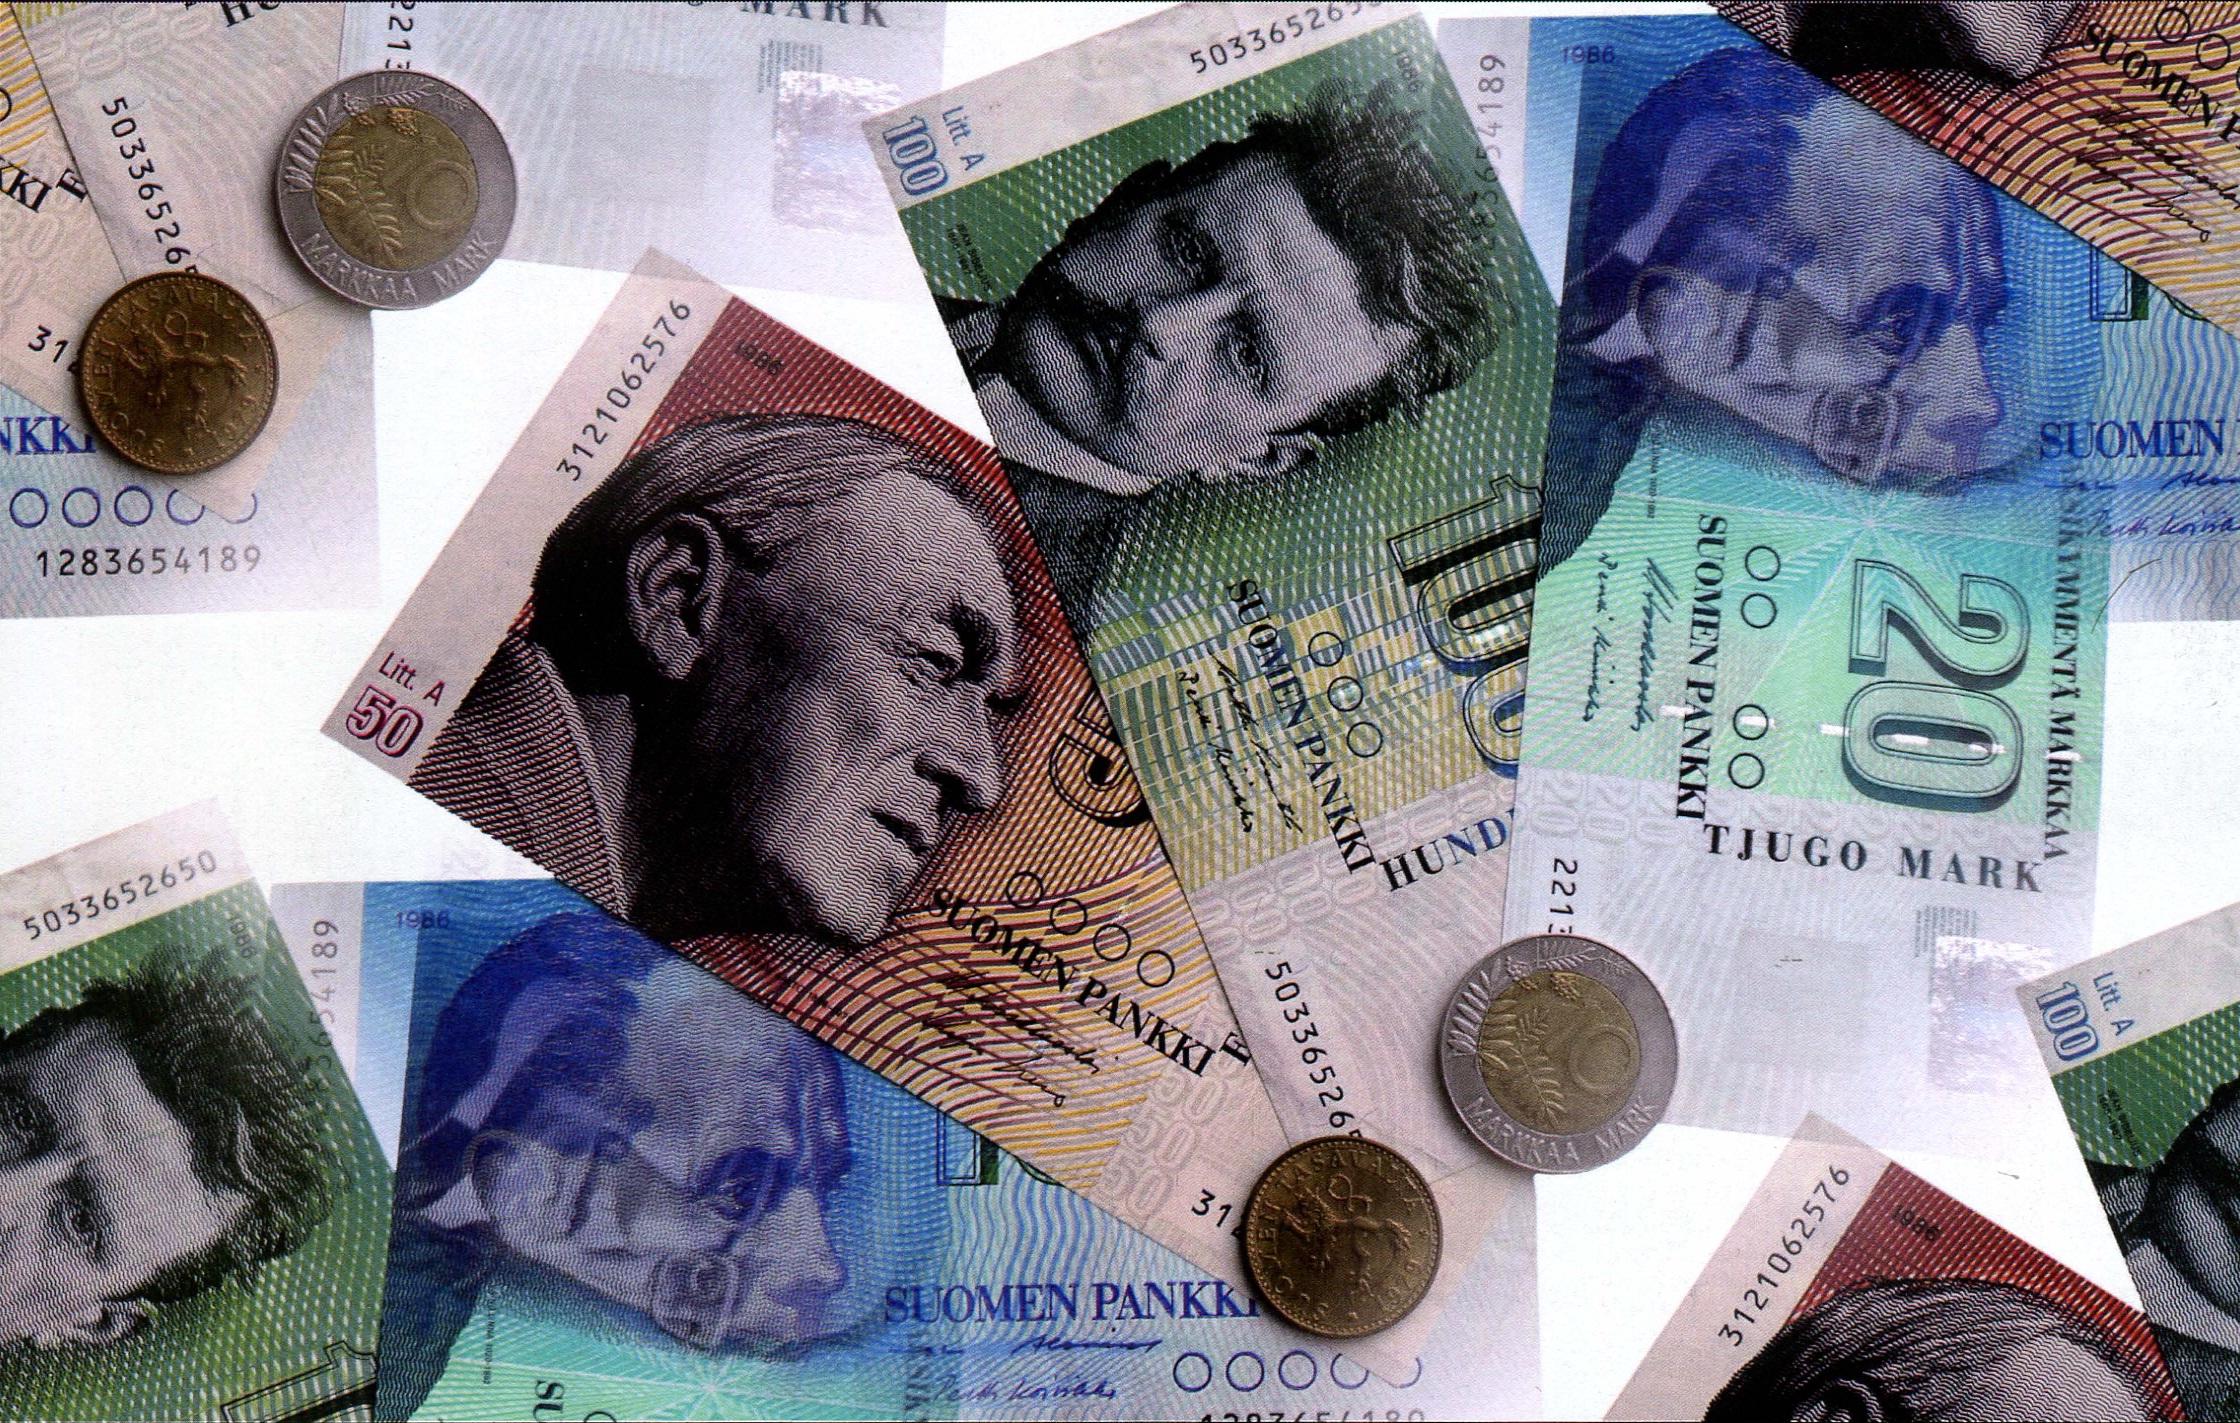 Фото валюты Финляндии